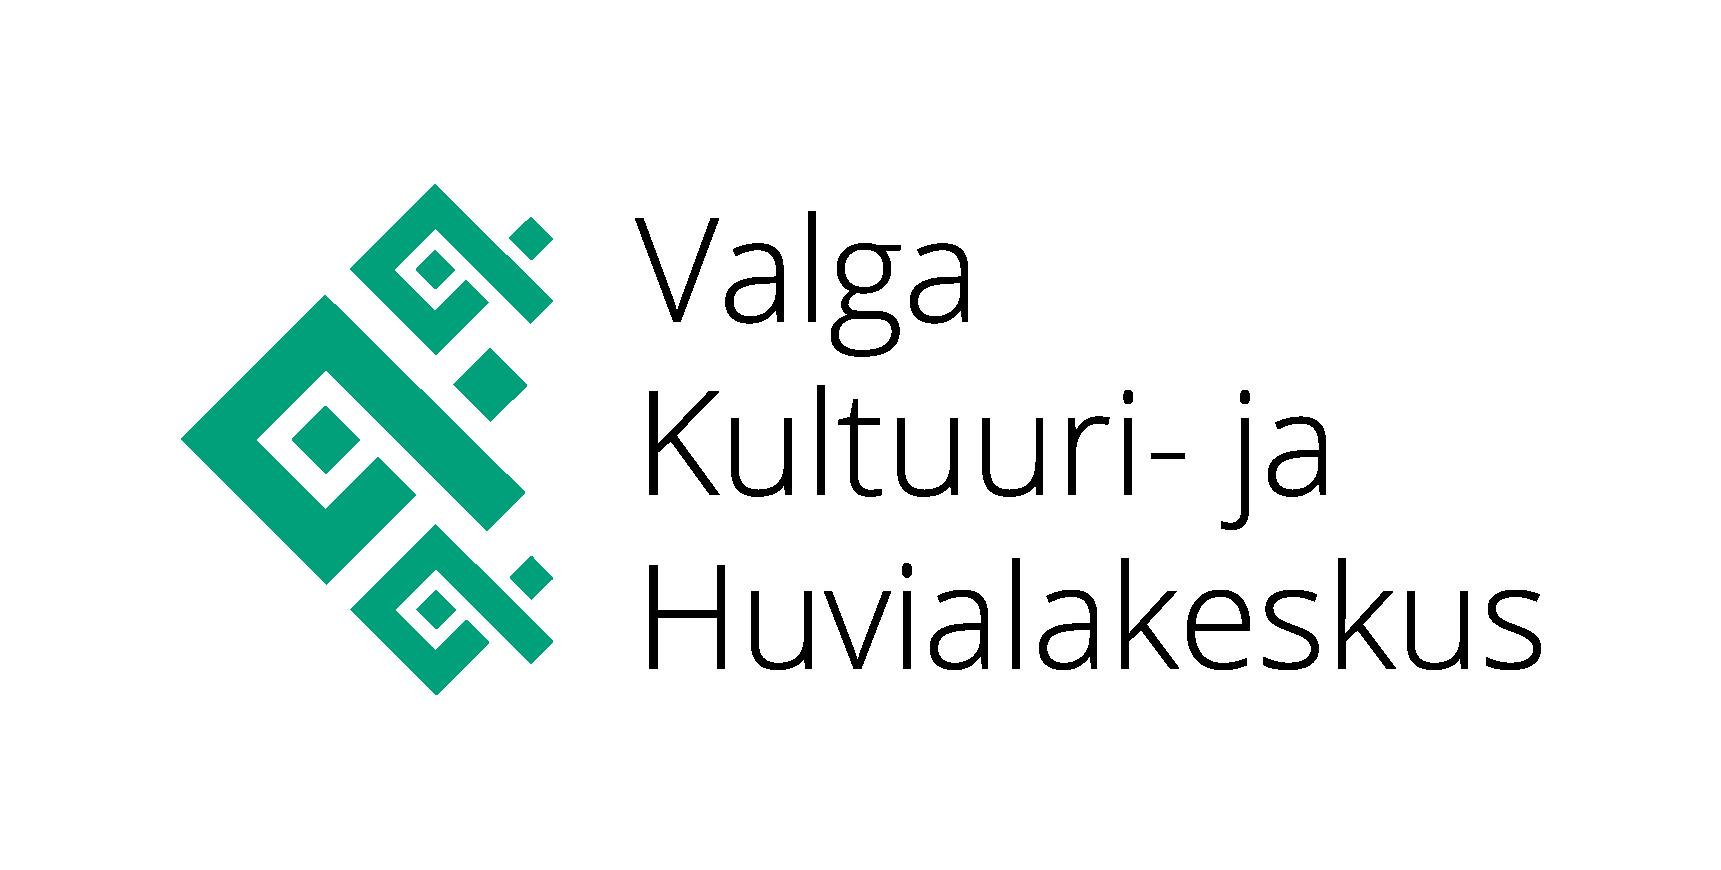 Valga_Kultuuri-_ja_Huvialakeskus_1_logo-01